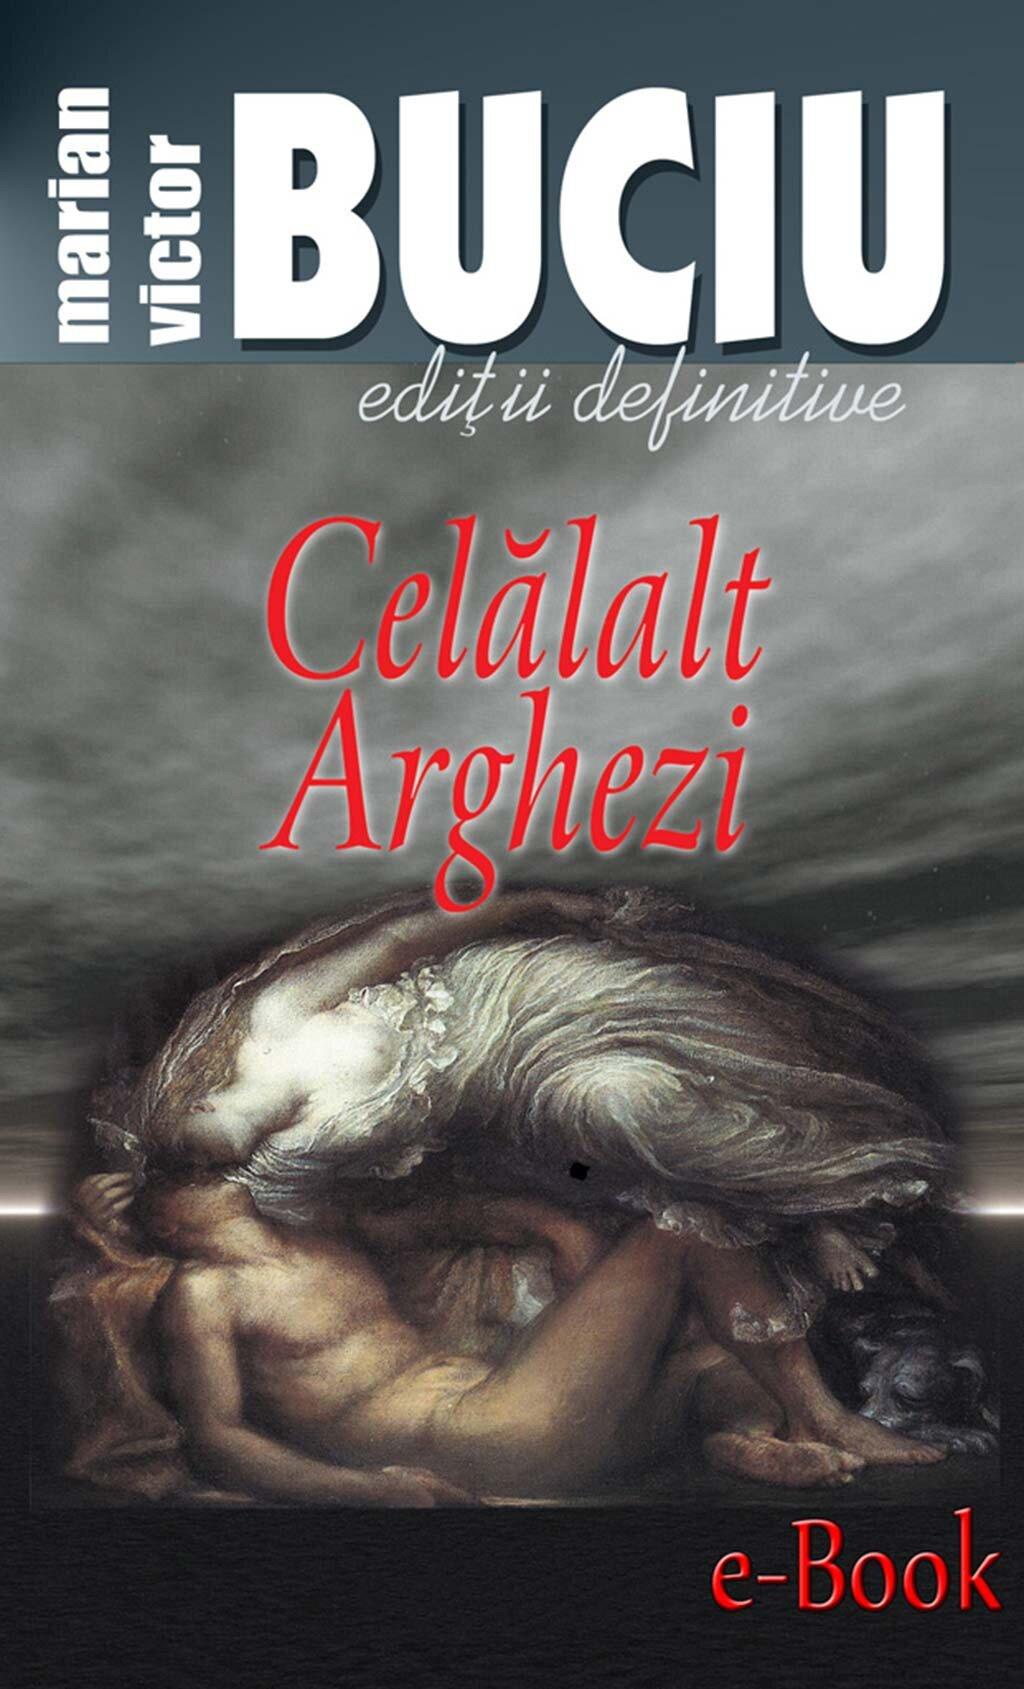 Celalalt Arghezi (eBook)